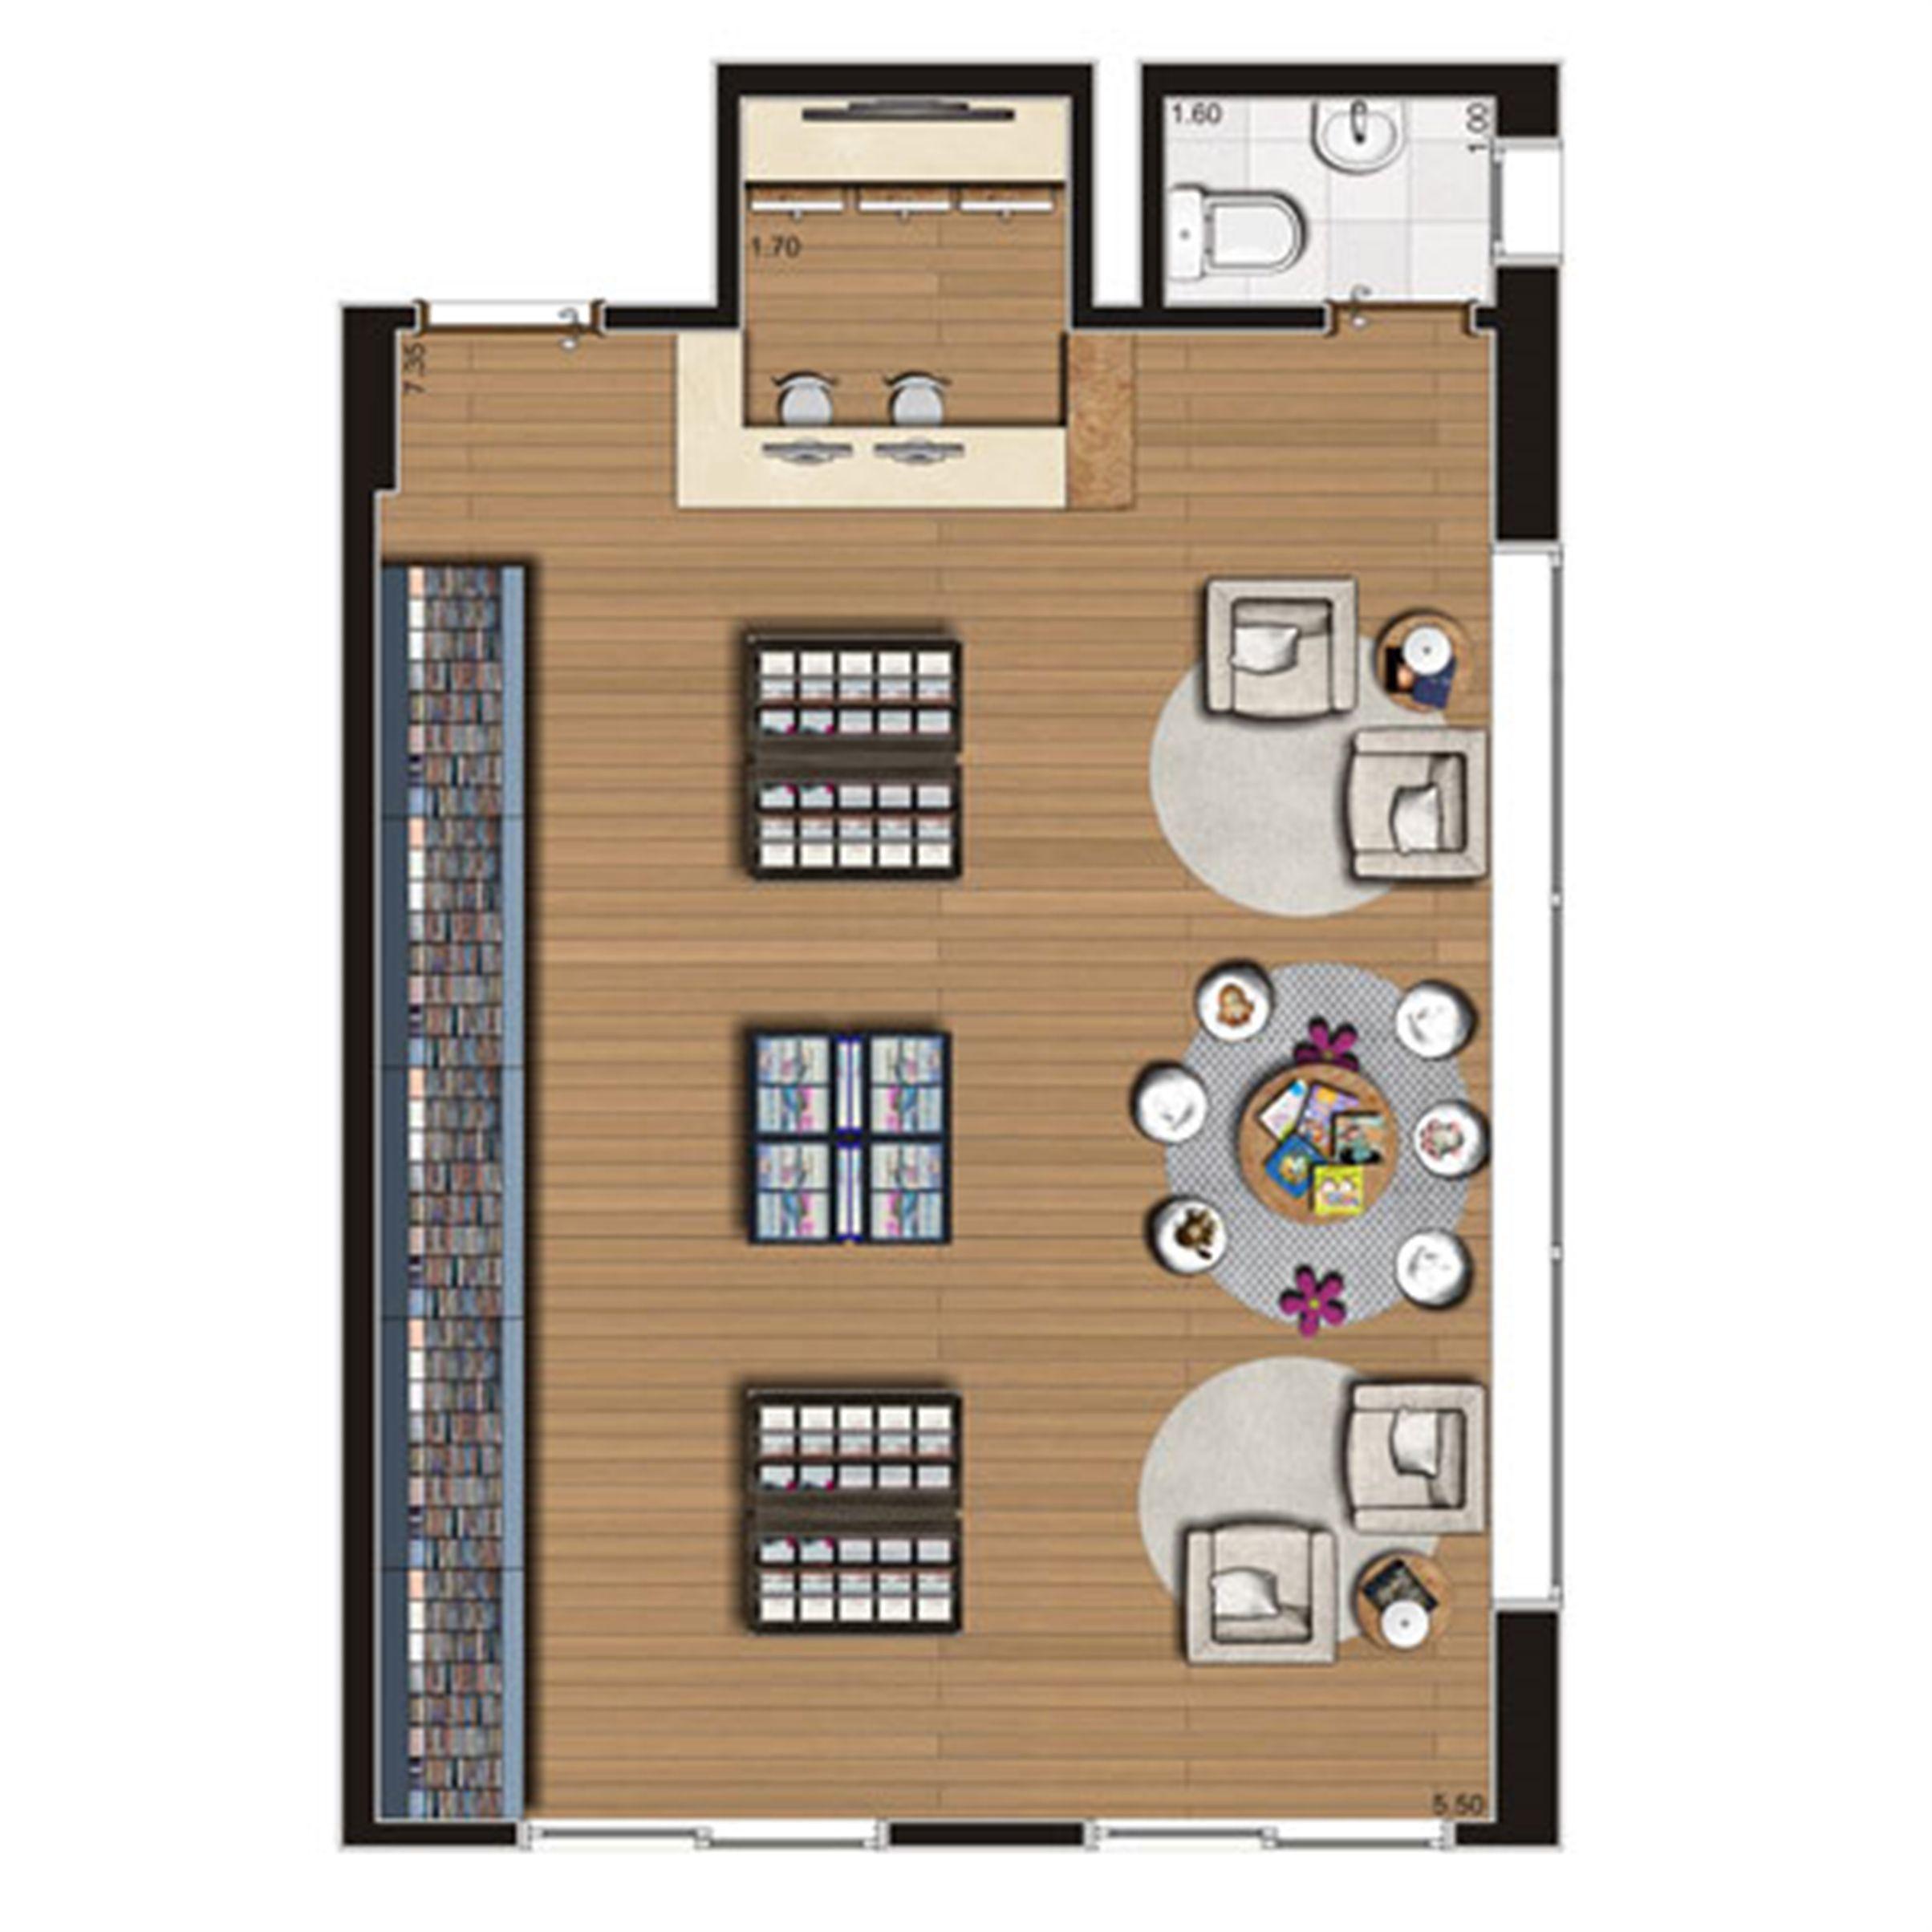 Loja de 49 m² Finais 1 e 9 | Luzes da Mooca - Atrio Giorno – Salas Comerciais na  Mooca - São Paulo - São Paulo